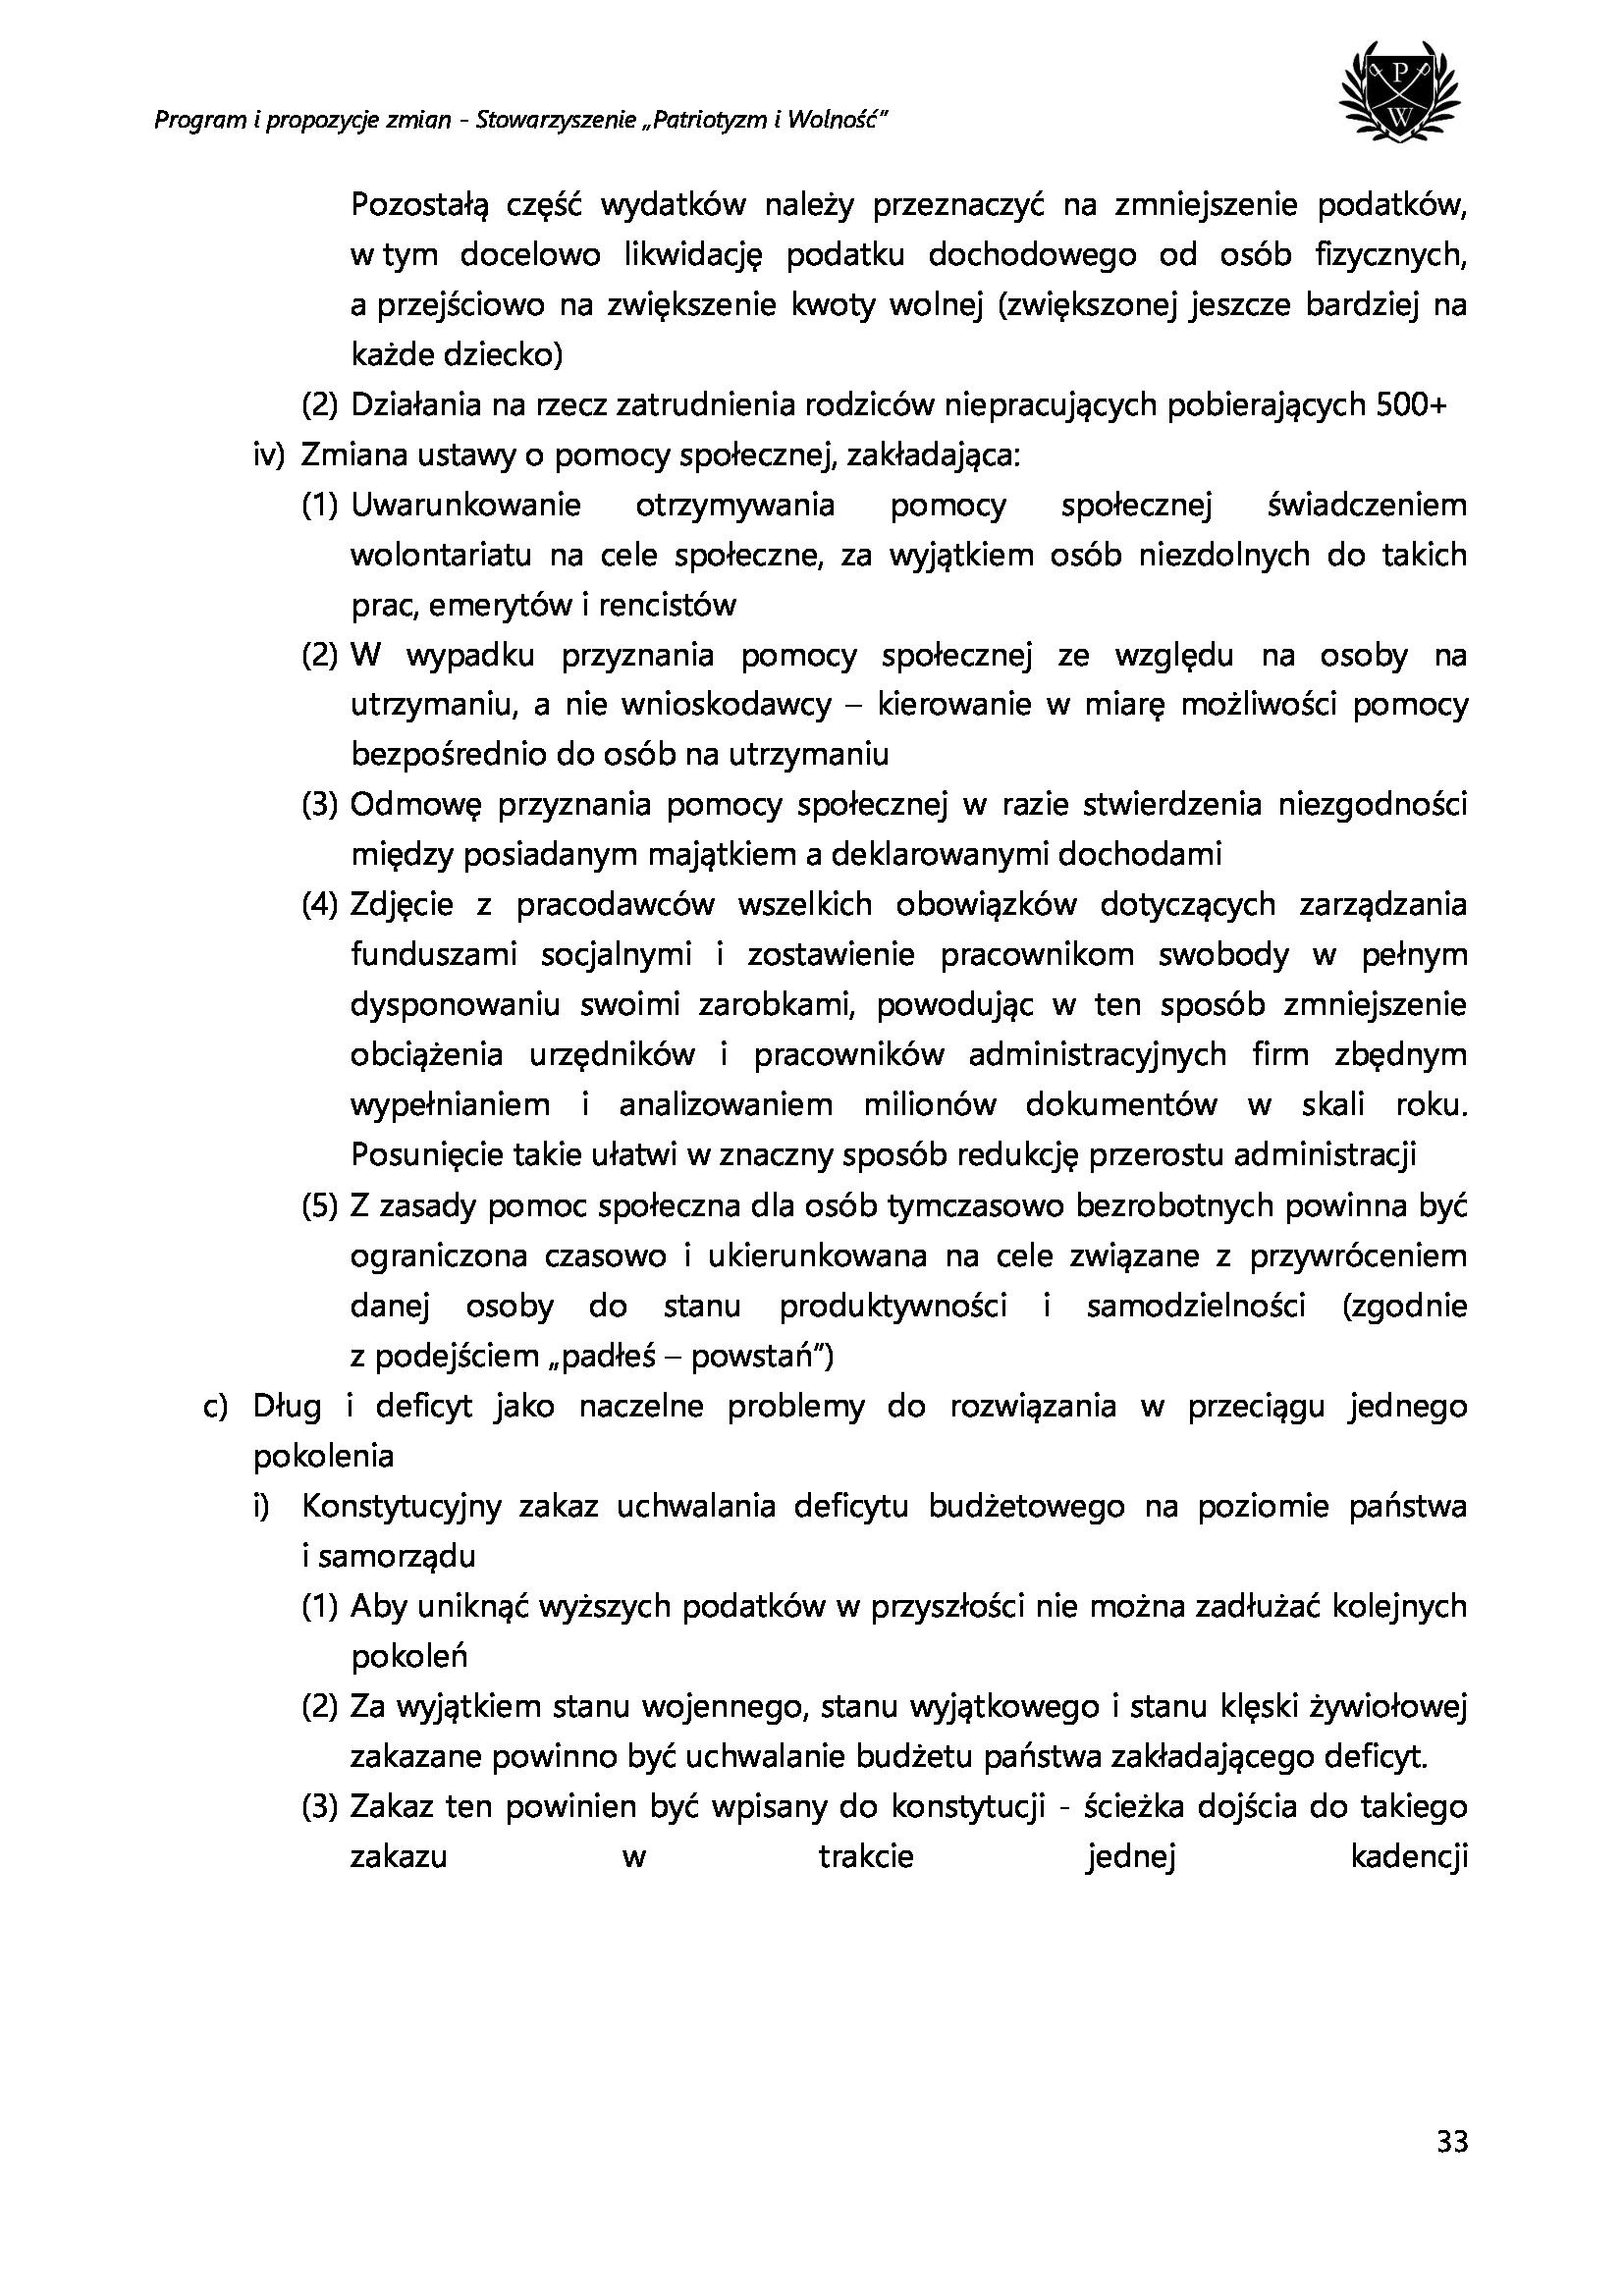 db9e272ef5a9a2e66d26f1905be6c507-33